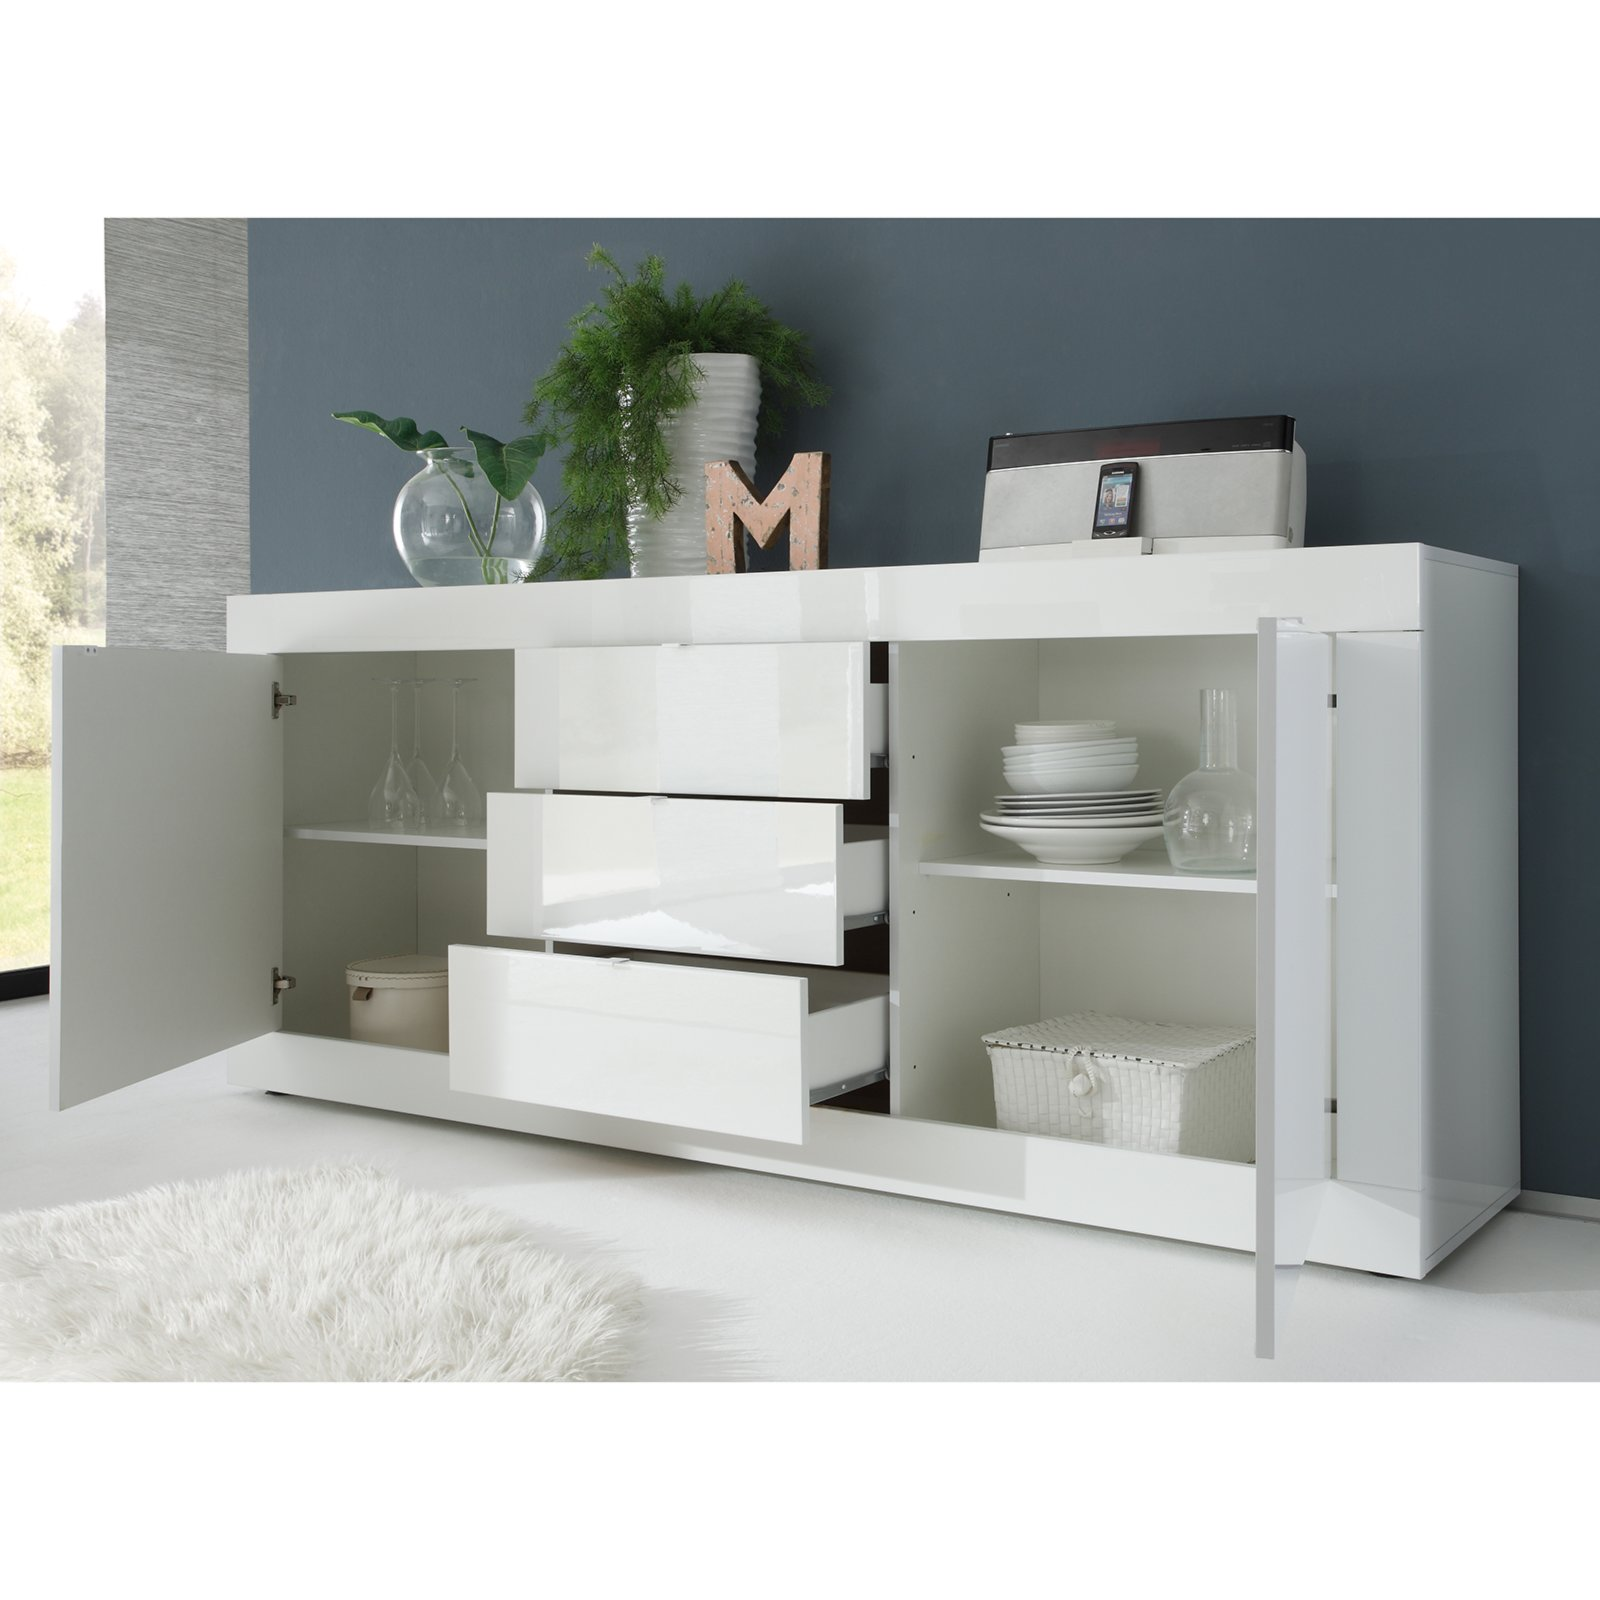 Sympathisch Sideboard Grau Weiß Referenz Von Basic - Weiß Hochglanz - 210 Cm